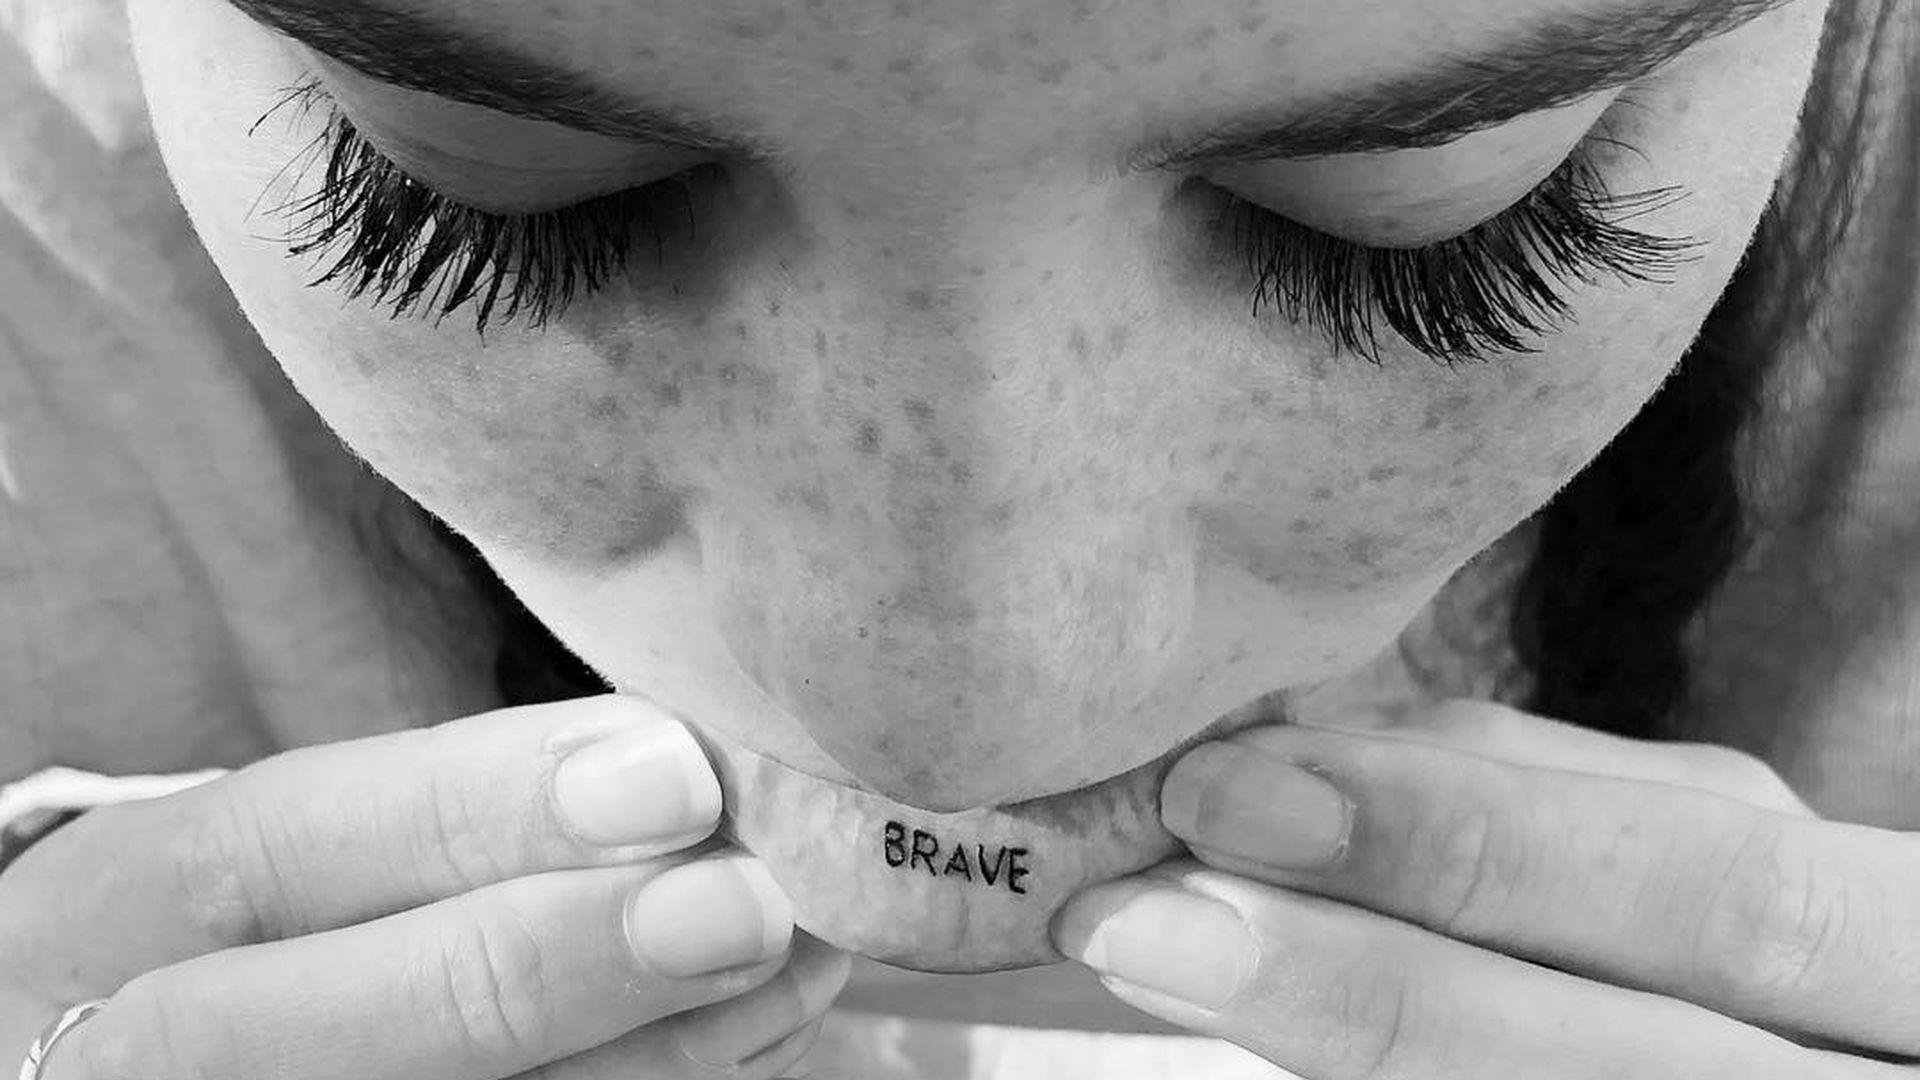 Mutig Betty Taube Tatowiert Sich Unterlippen Innenseite